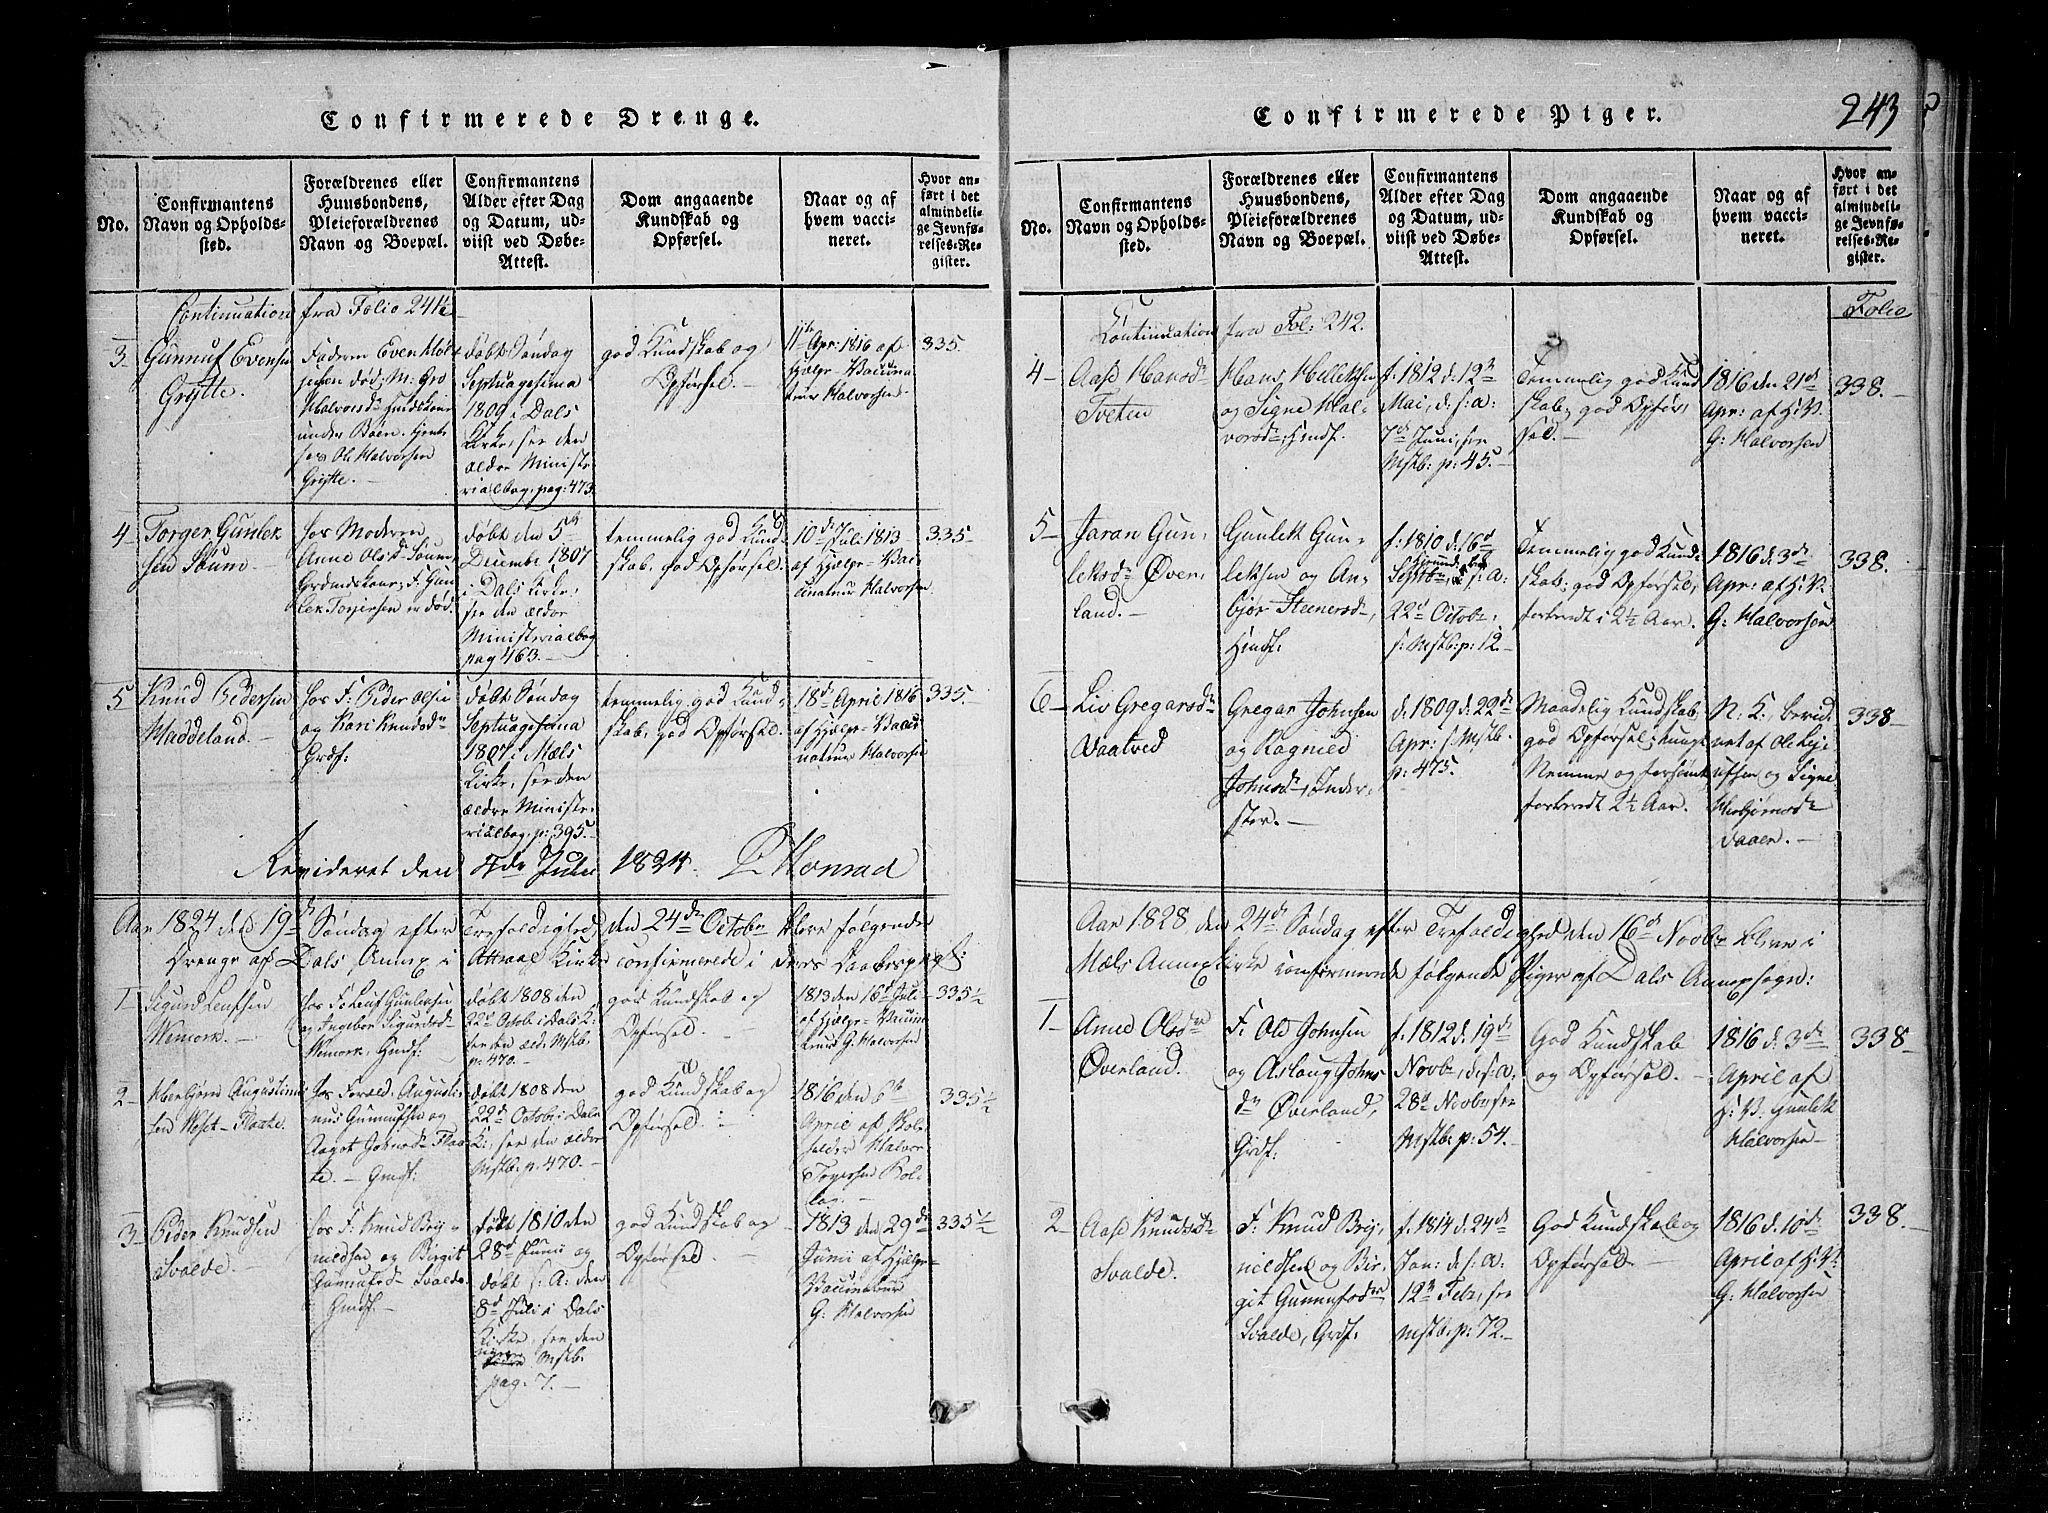 SAKO, Tinn kirkebøker, G/Gc/L0001: Klokkerbok nr. III 1, 1815-1879, s. 243